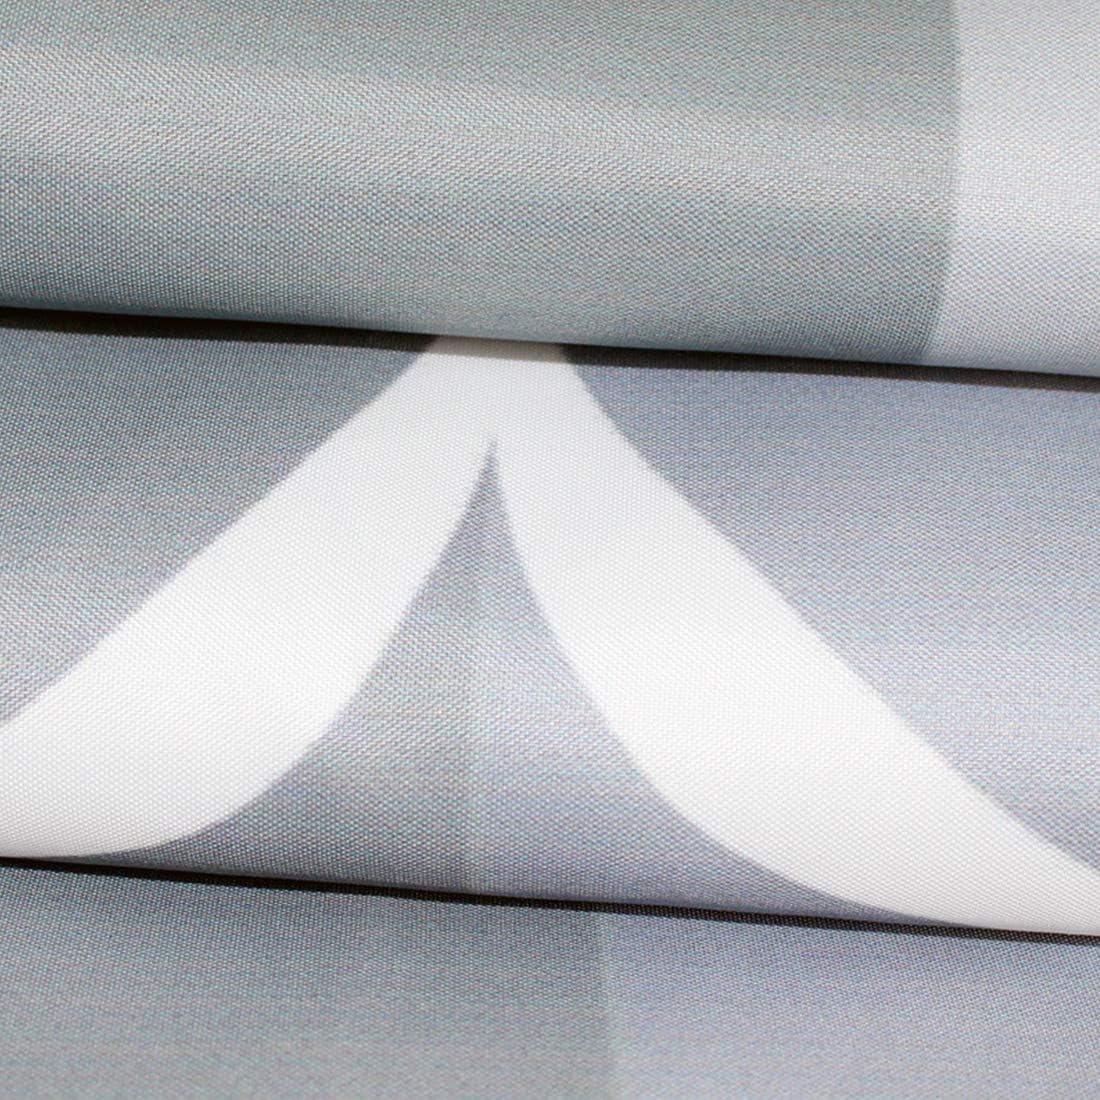 YISHU con 12 anelli per tenda da doccia per bagno tenda da doccia di alta qualit/à 180 x 180 cm//180 x 200//240 x 200 cm B*H 1 farfalla. 180*180cm antimuffa impermeabile